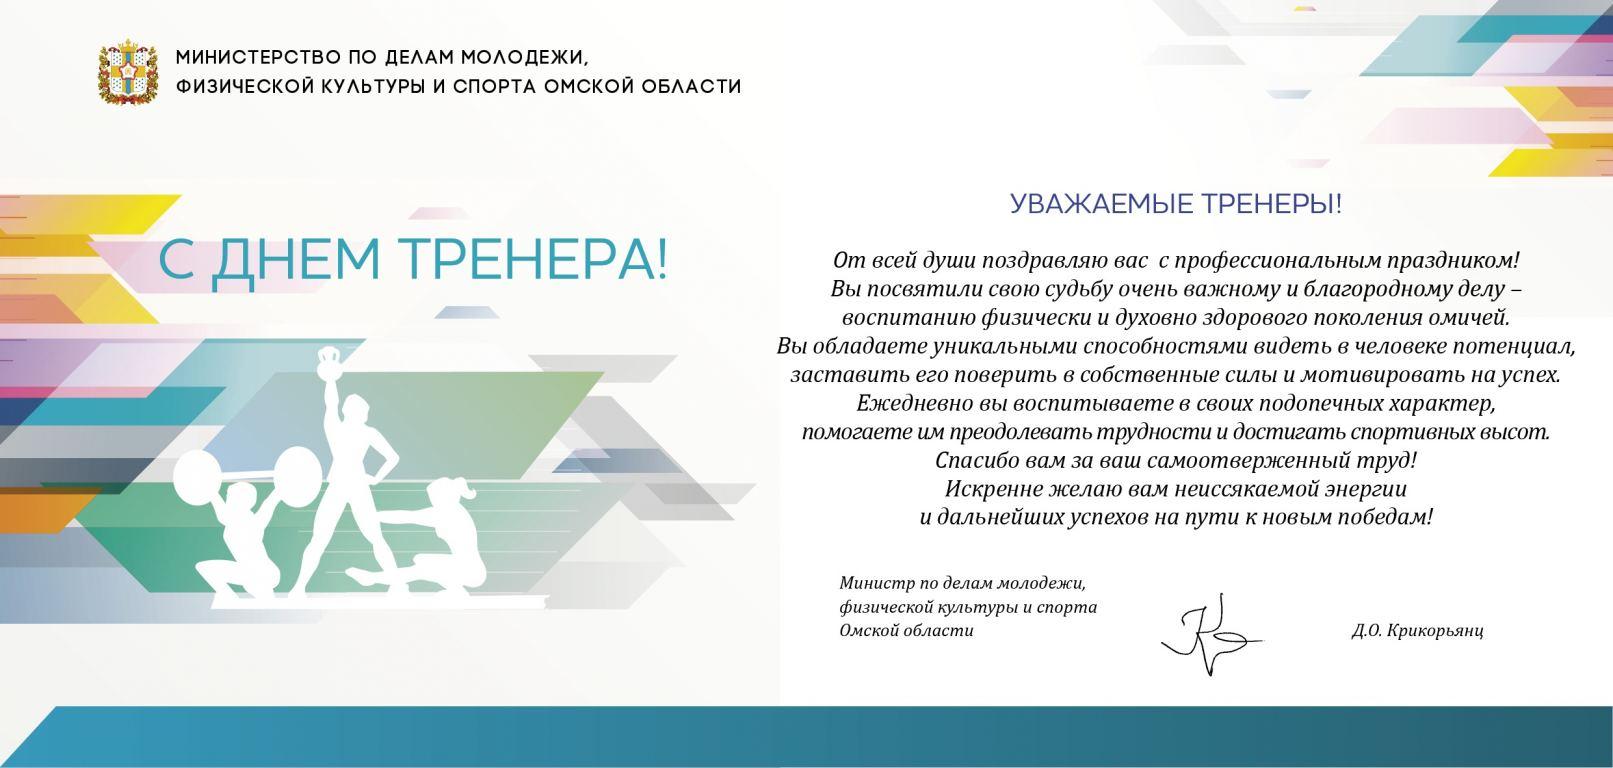 S dnem trenera 30 oktyabrya pozdravleniya_1